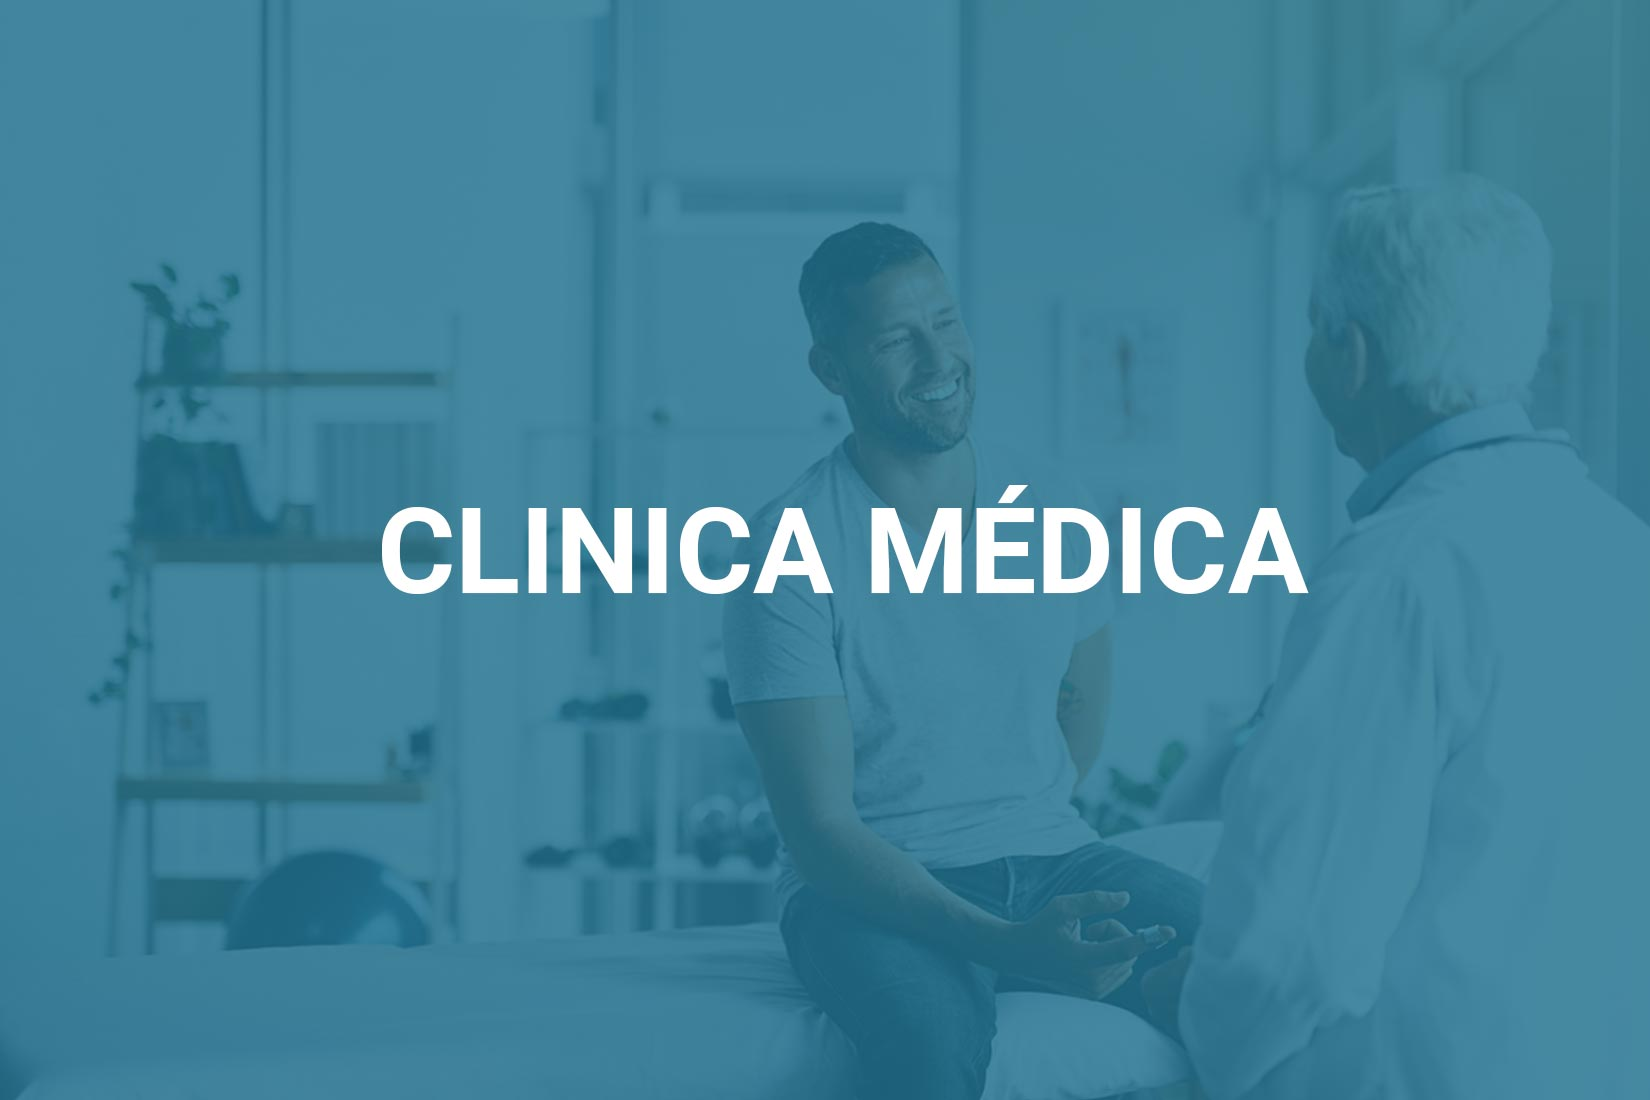 clínica médica